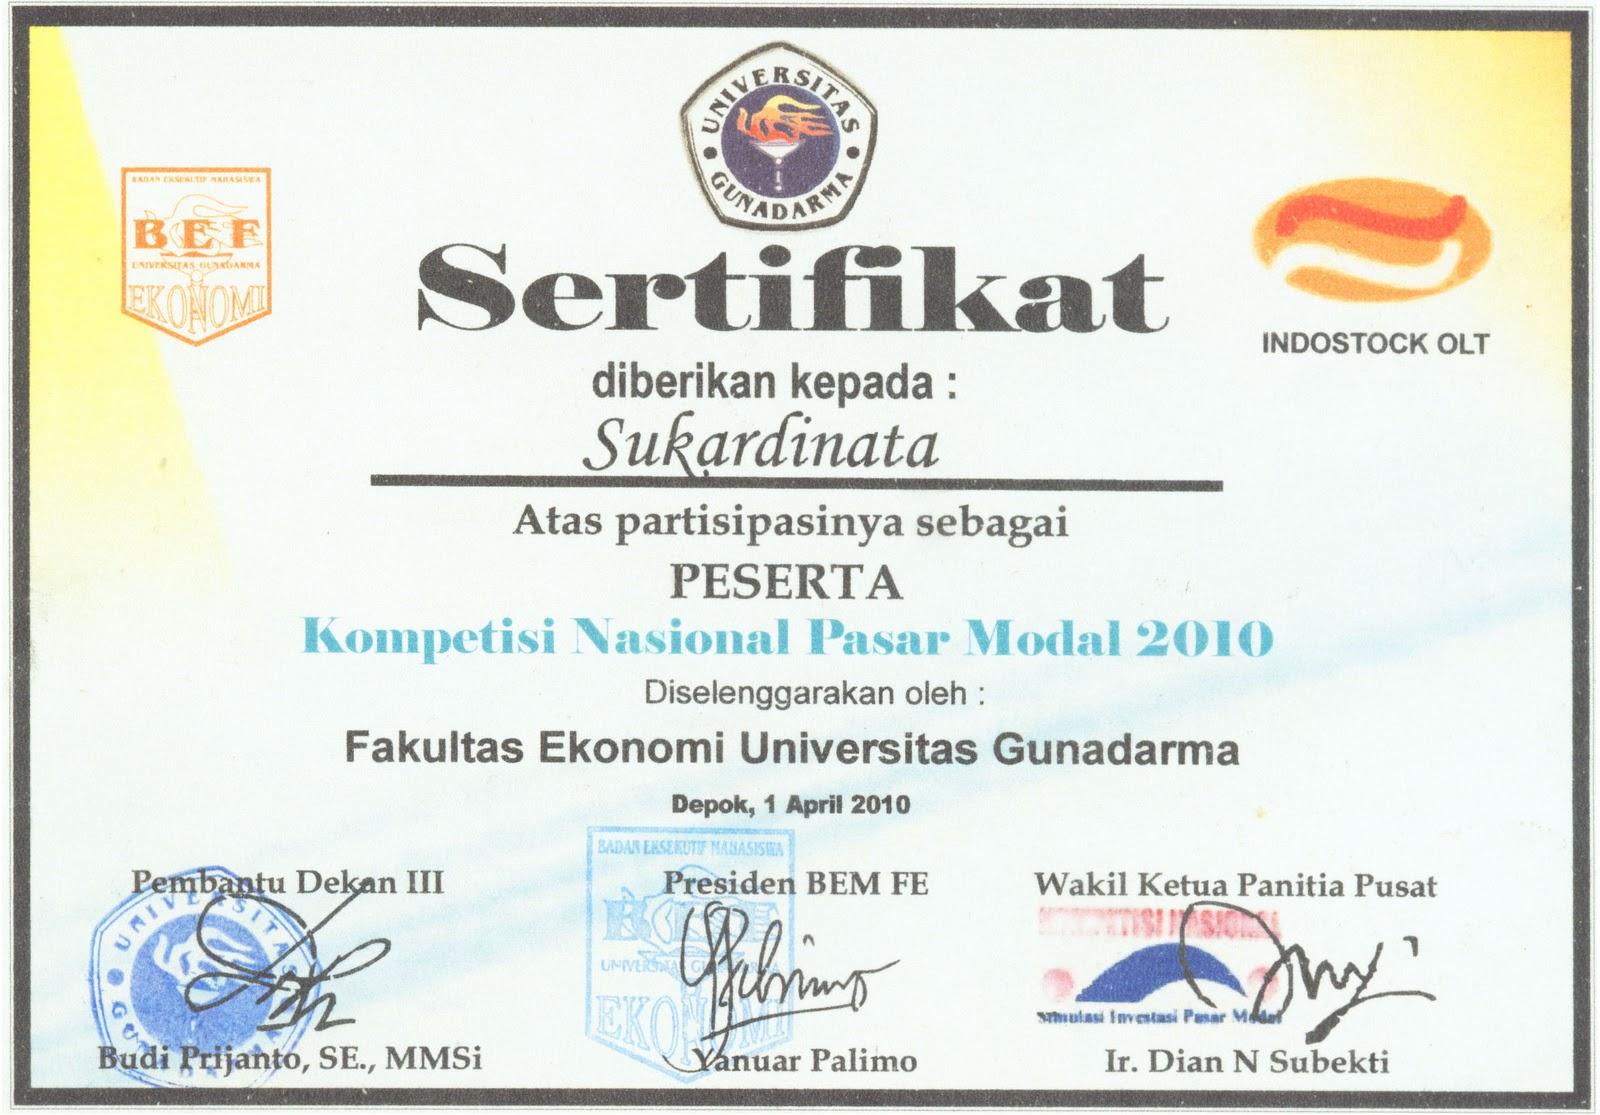 Contoh desain sertifikat kampus universitas gunadarma contoh desain